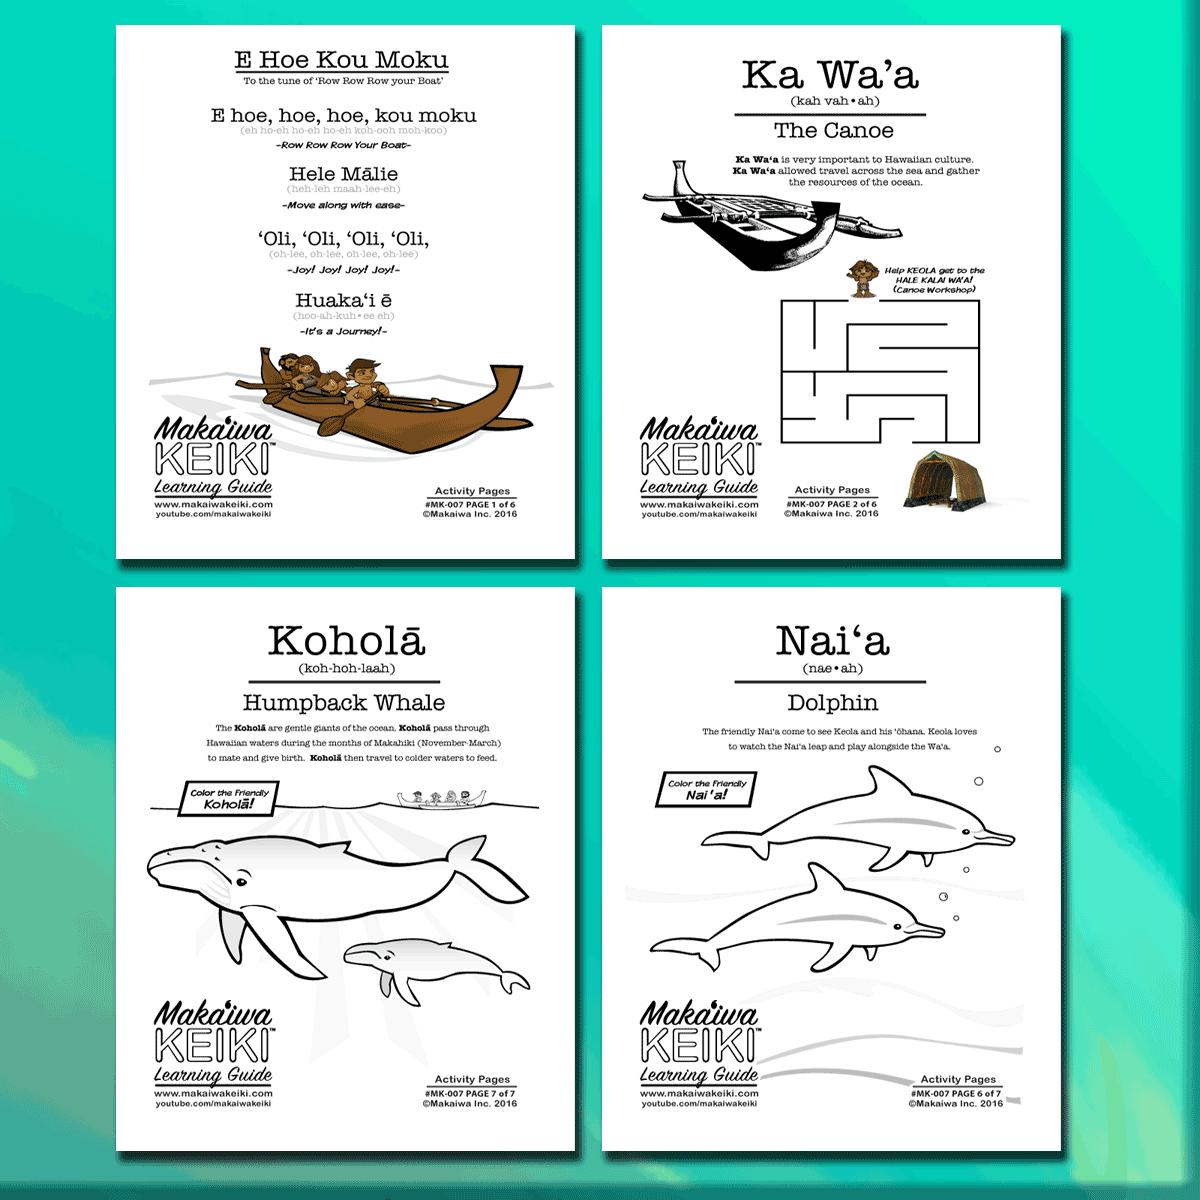 Ōlelo Hawaii Archives - Maka\'iwa Inc.